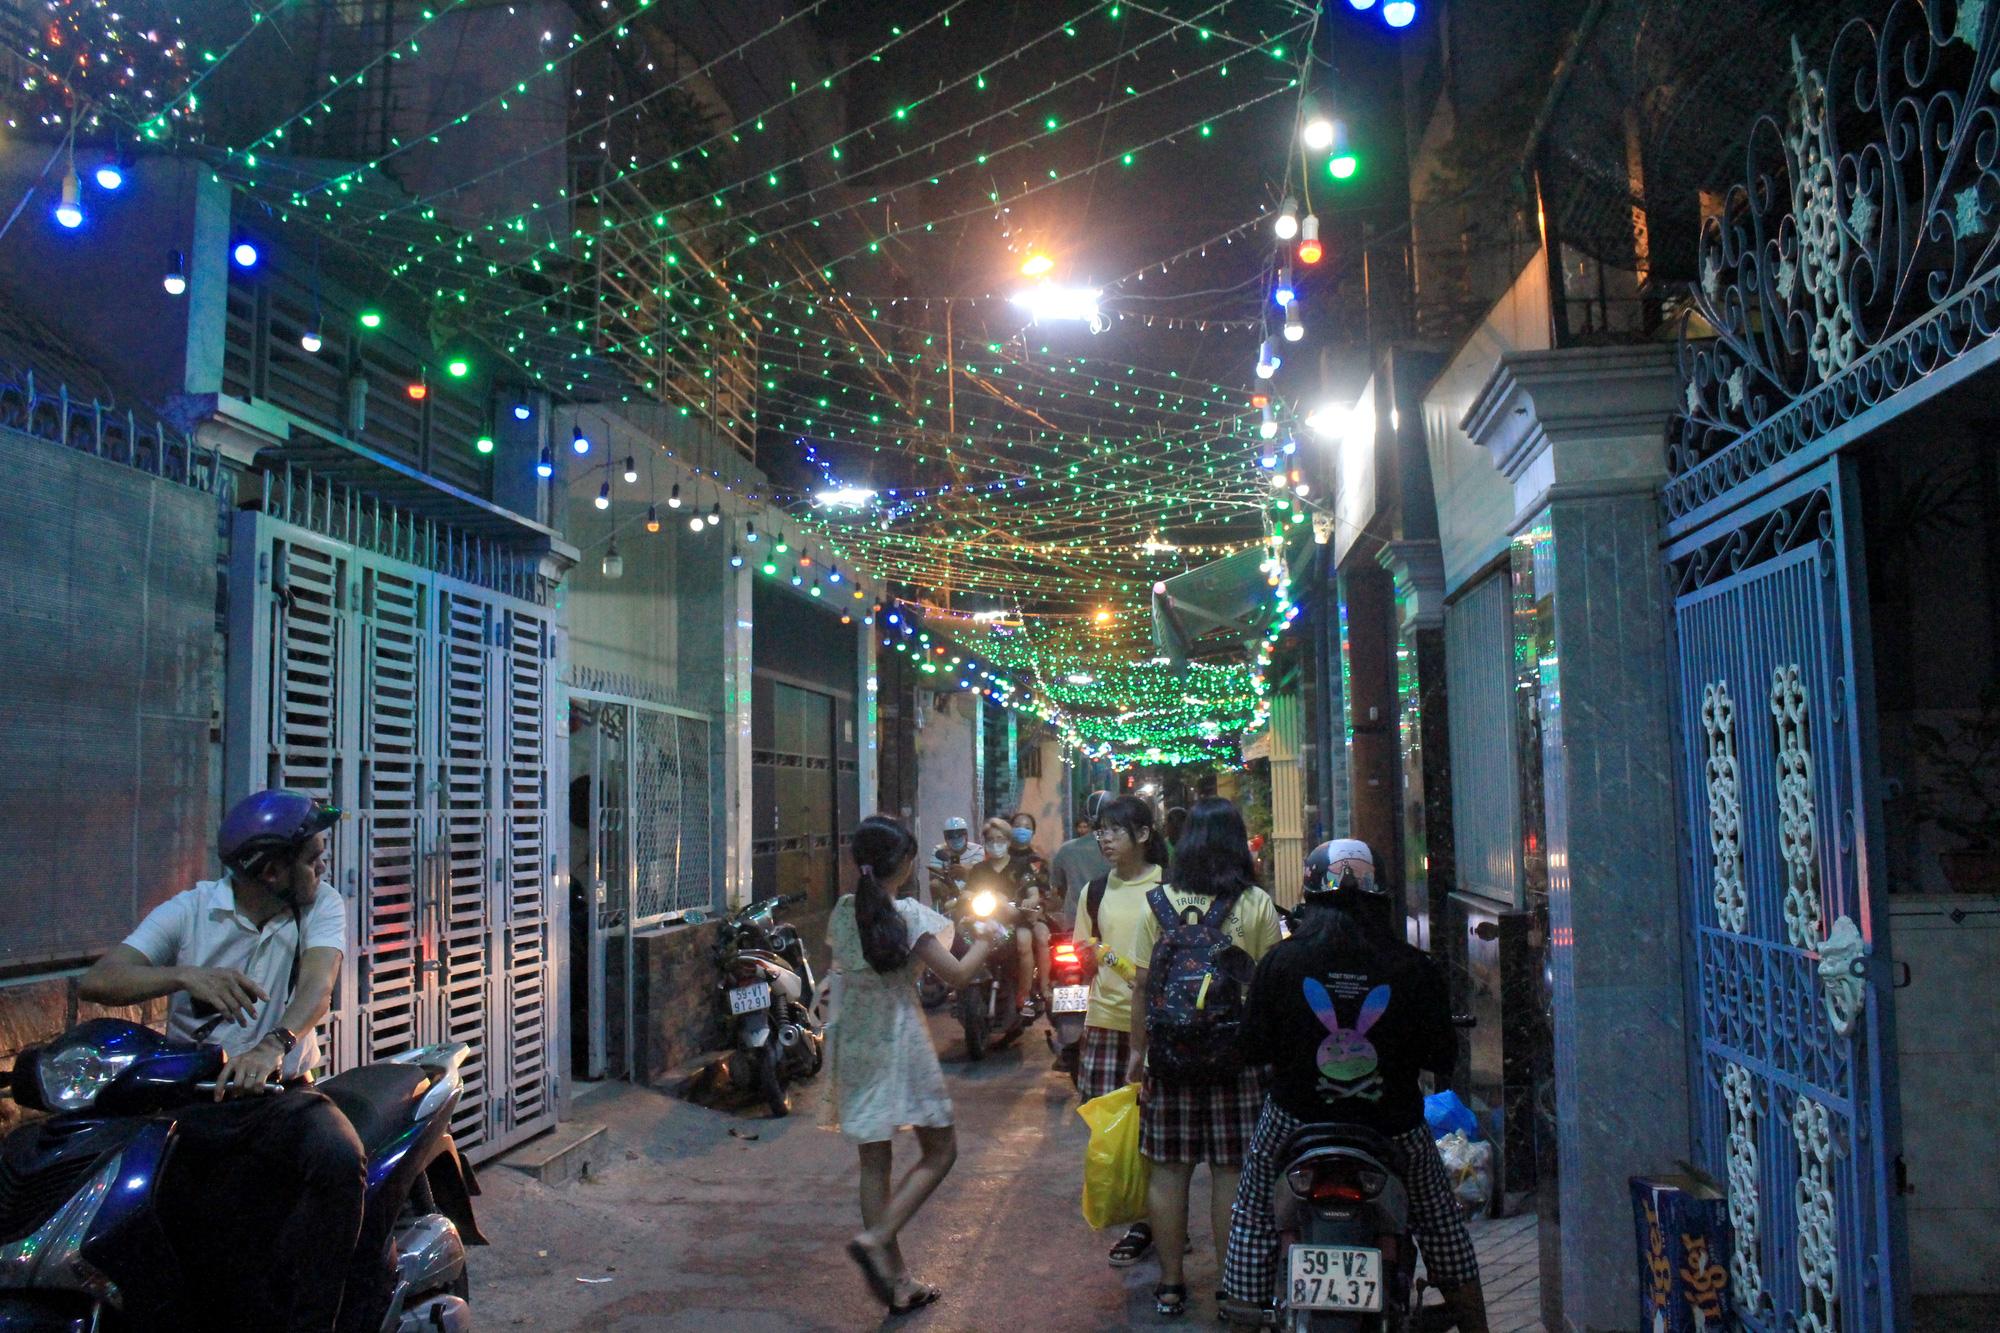 Đường Sài Gòn tắc nghẽn, người dân đổ xô đi chơi Giáng sinh - Ảnh 7.